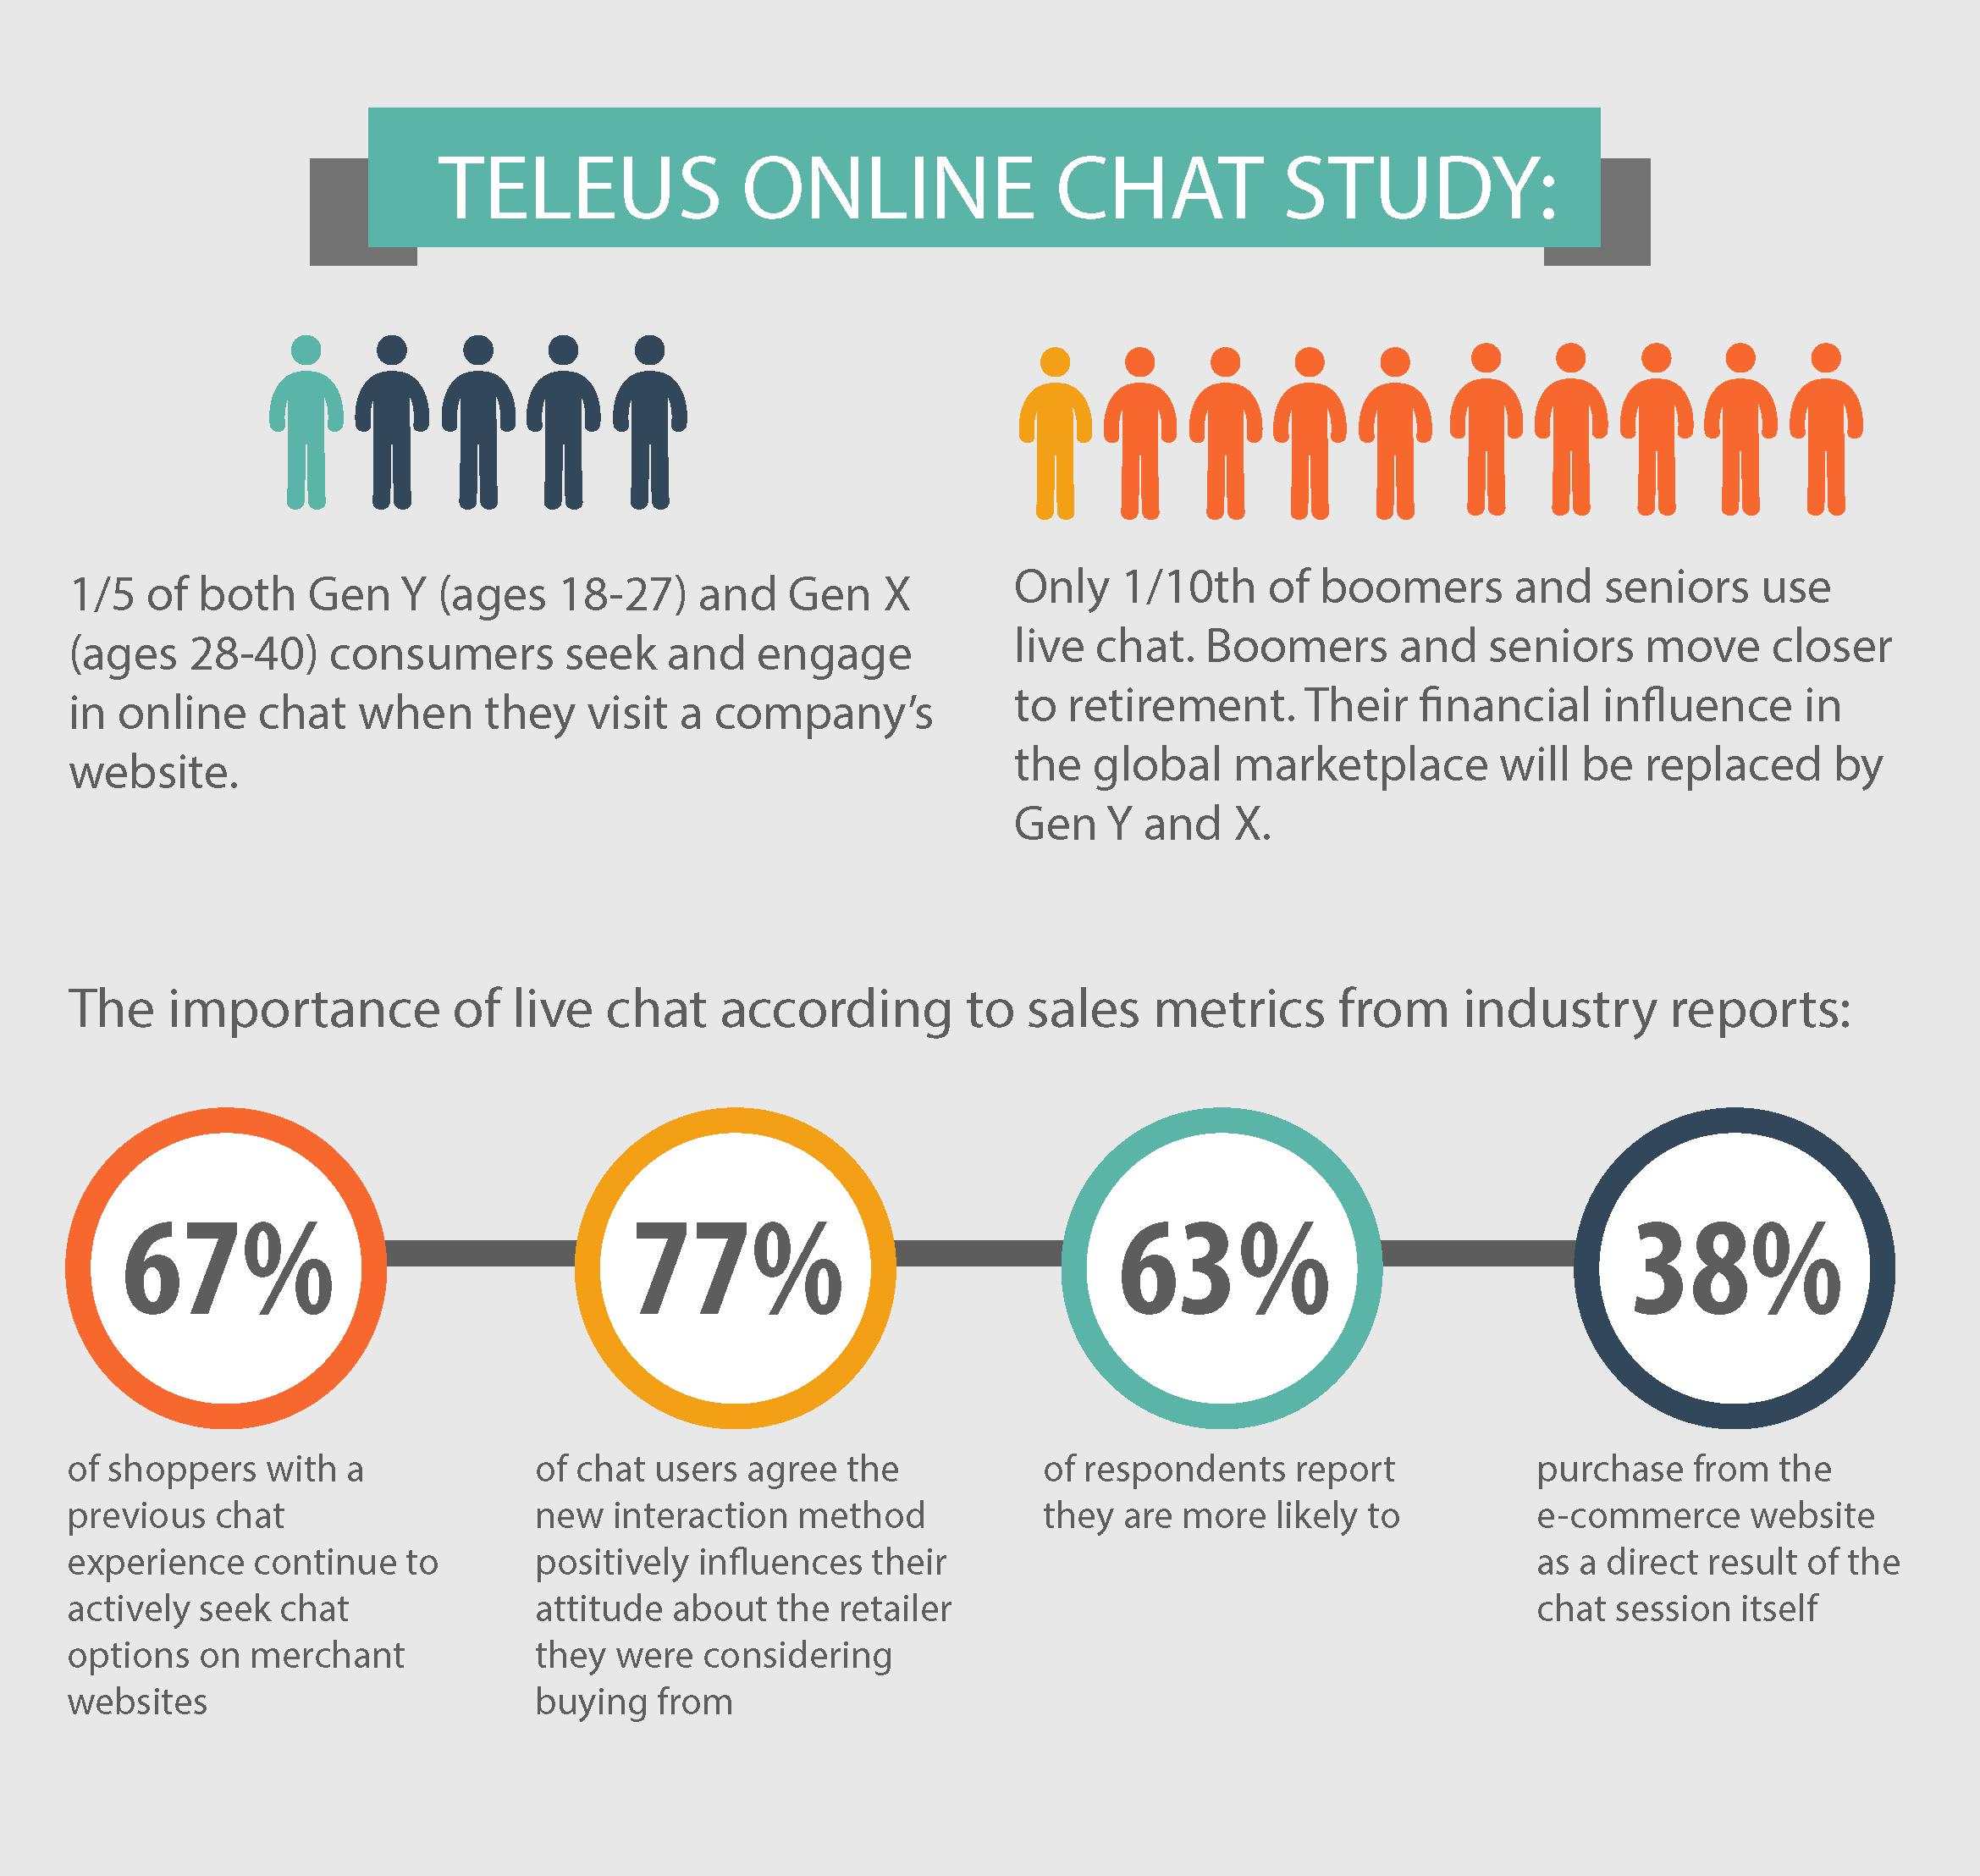 Teleus Online Chat Study